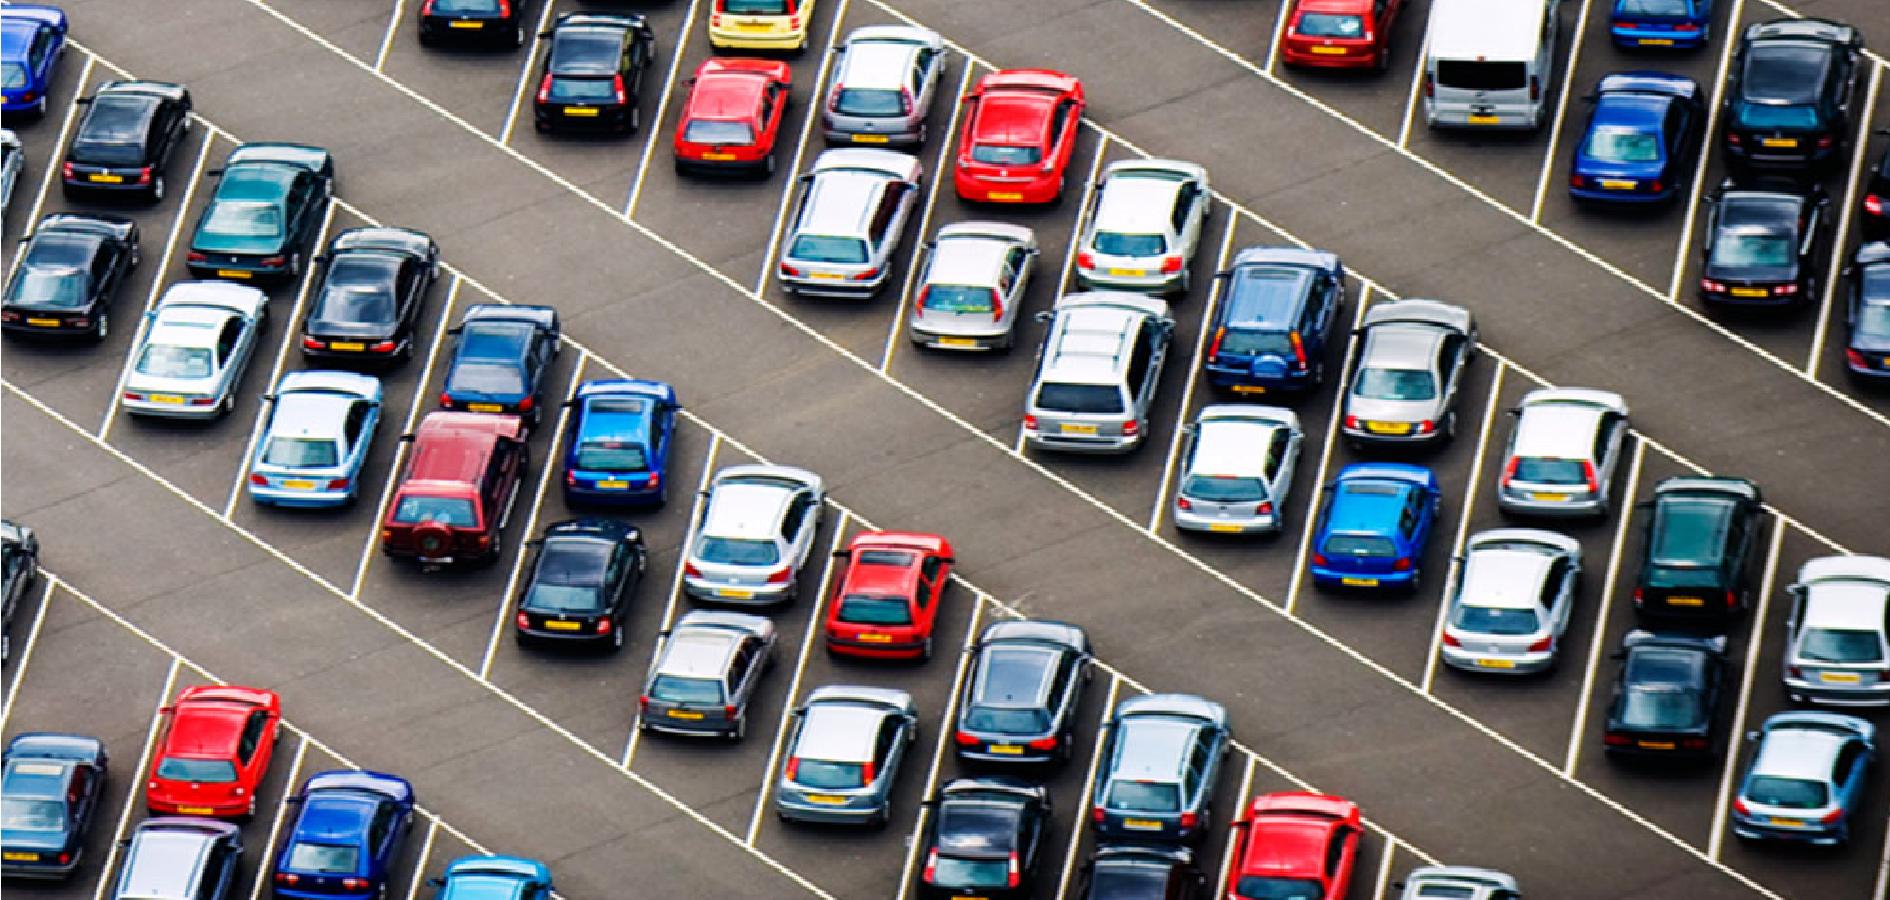 Otomotiv pazarındaki talep patlaması üretim planlarında 'belirsizlik' riski doğurabilir